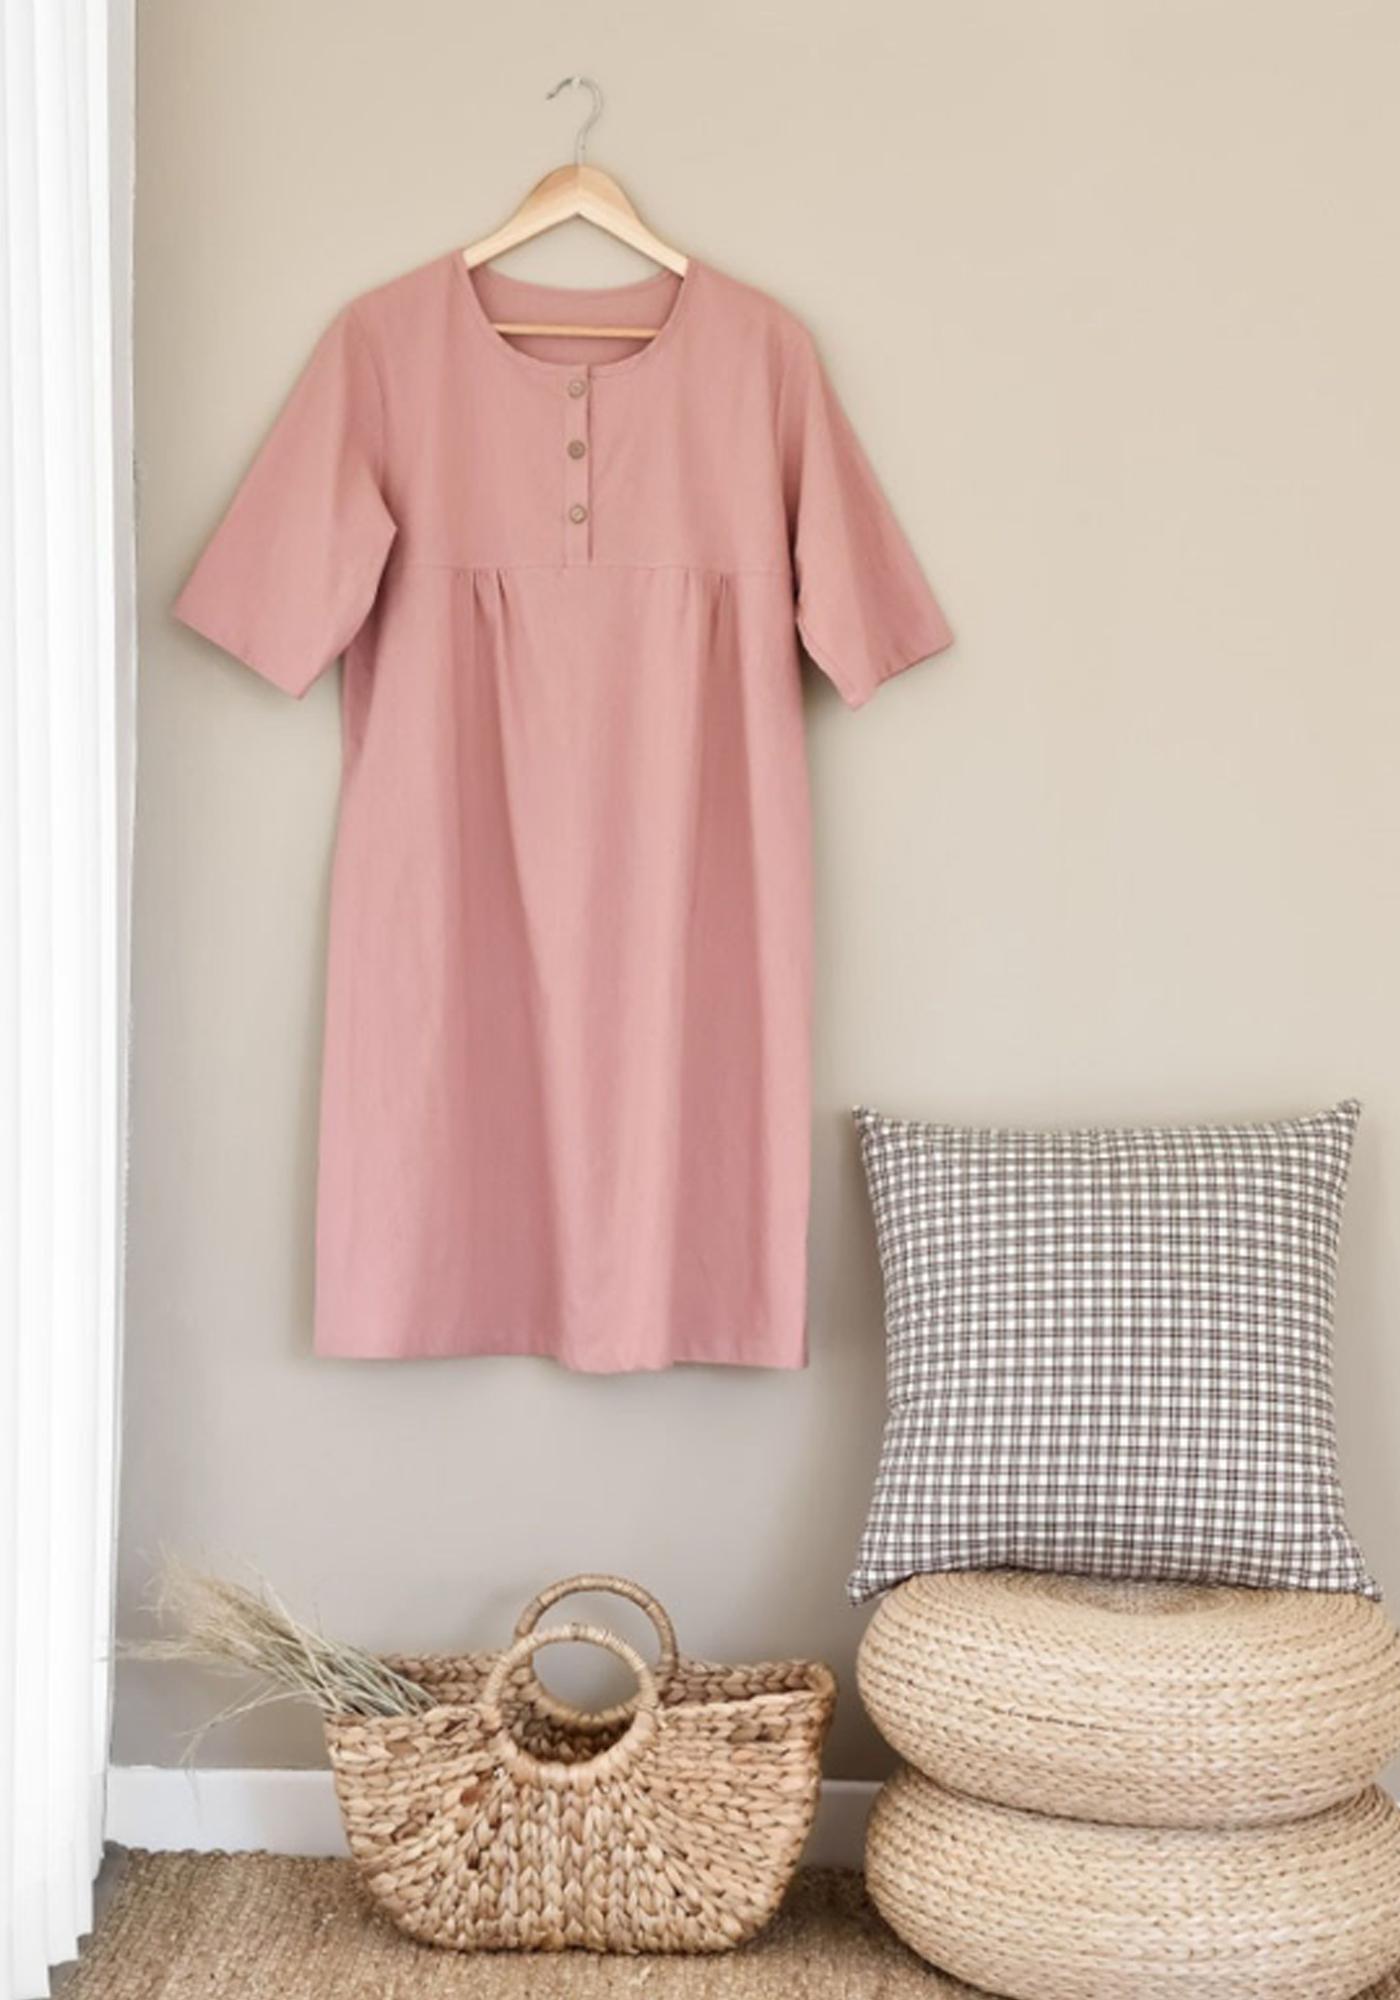 여성 광목 원피스 실내복(핑크)/실내복과 잠옷으로 활용하는 여성 홈웨어 원피스(핑크) 상세이미지1